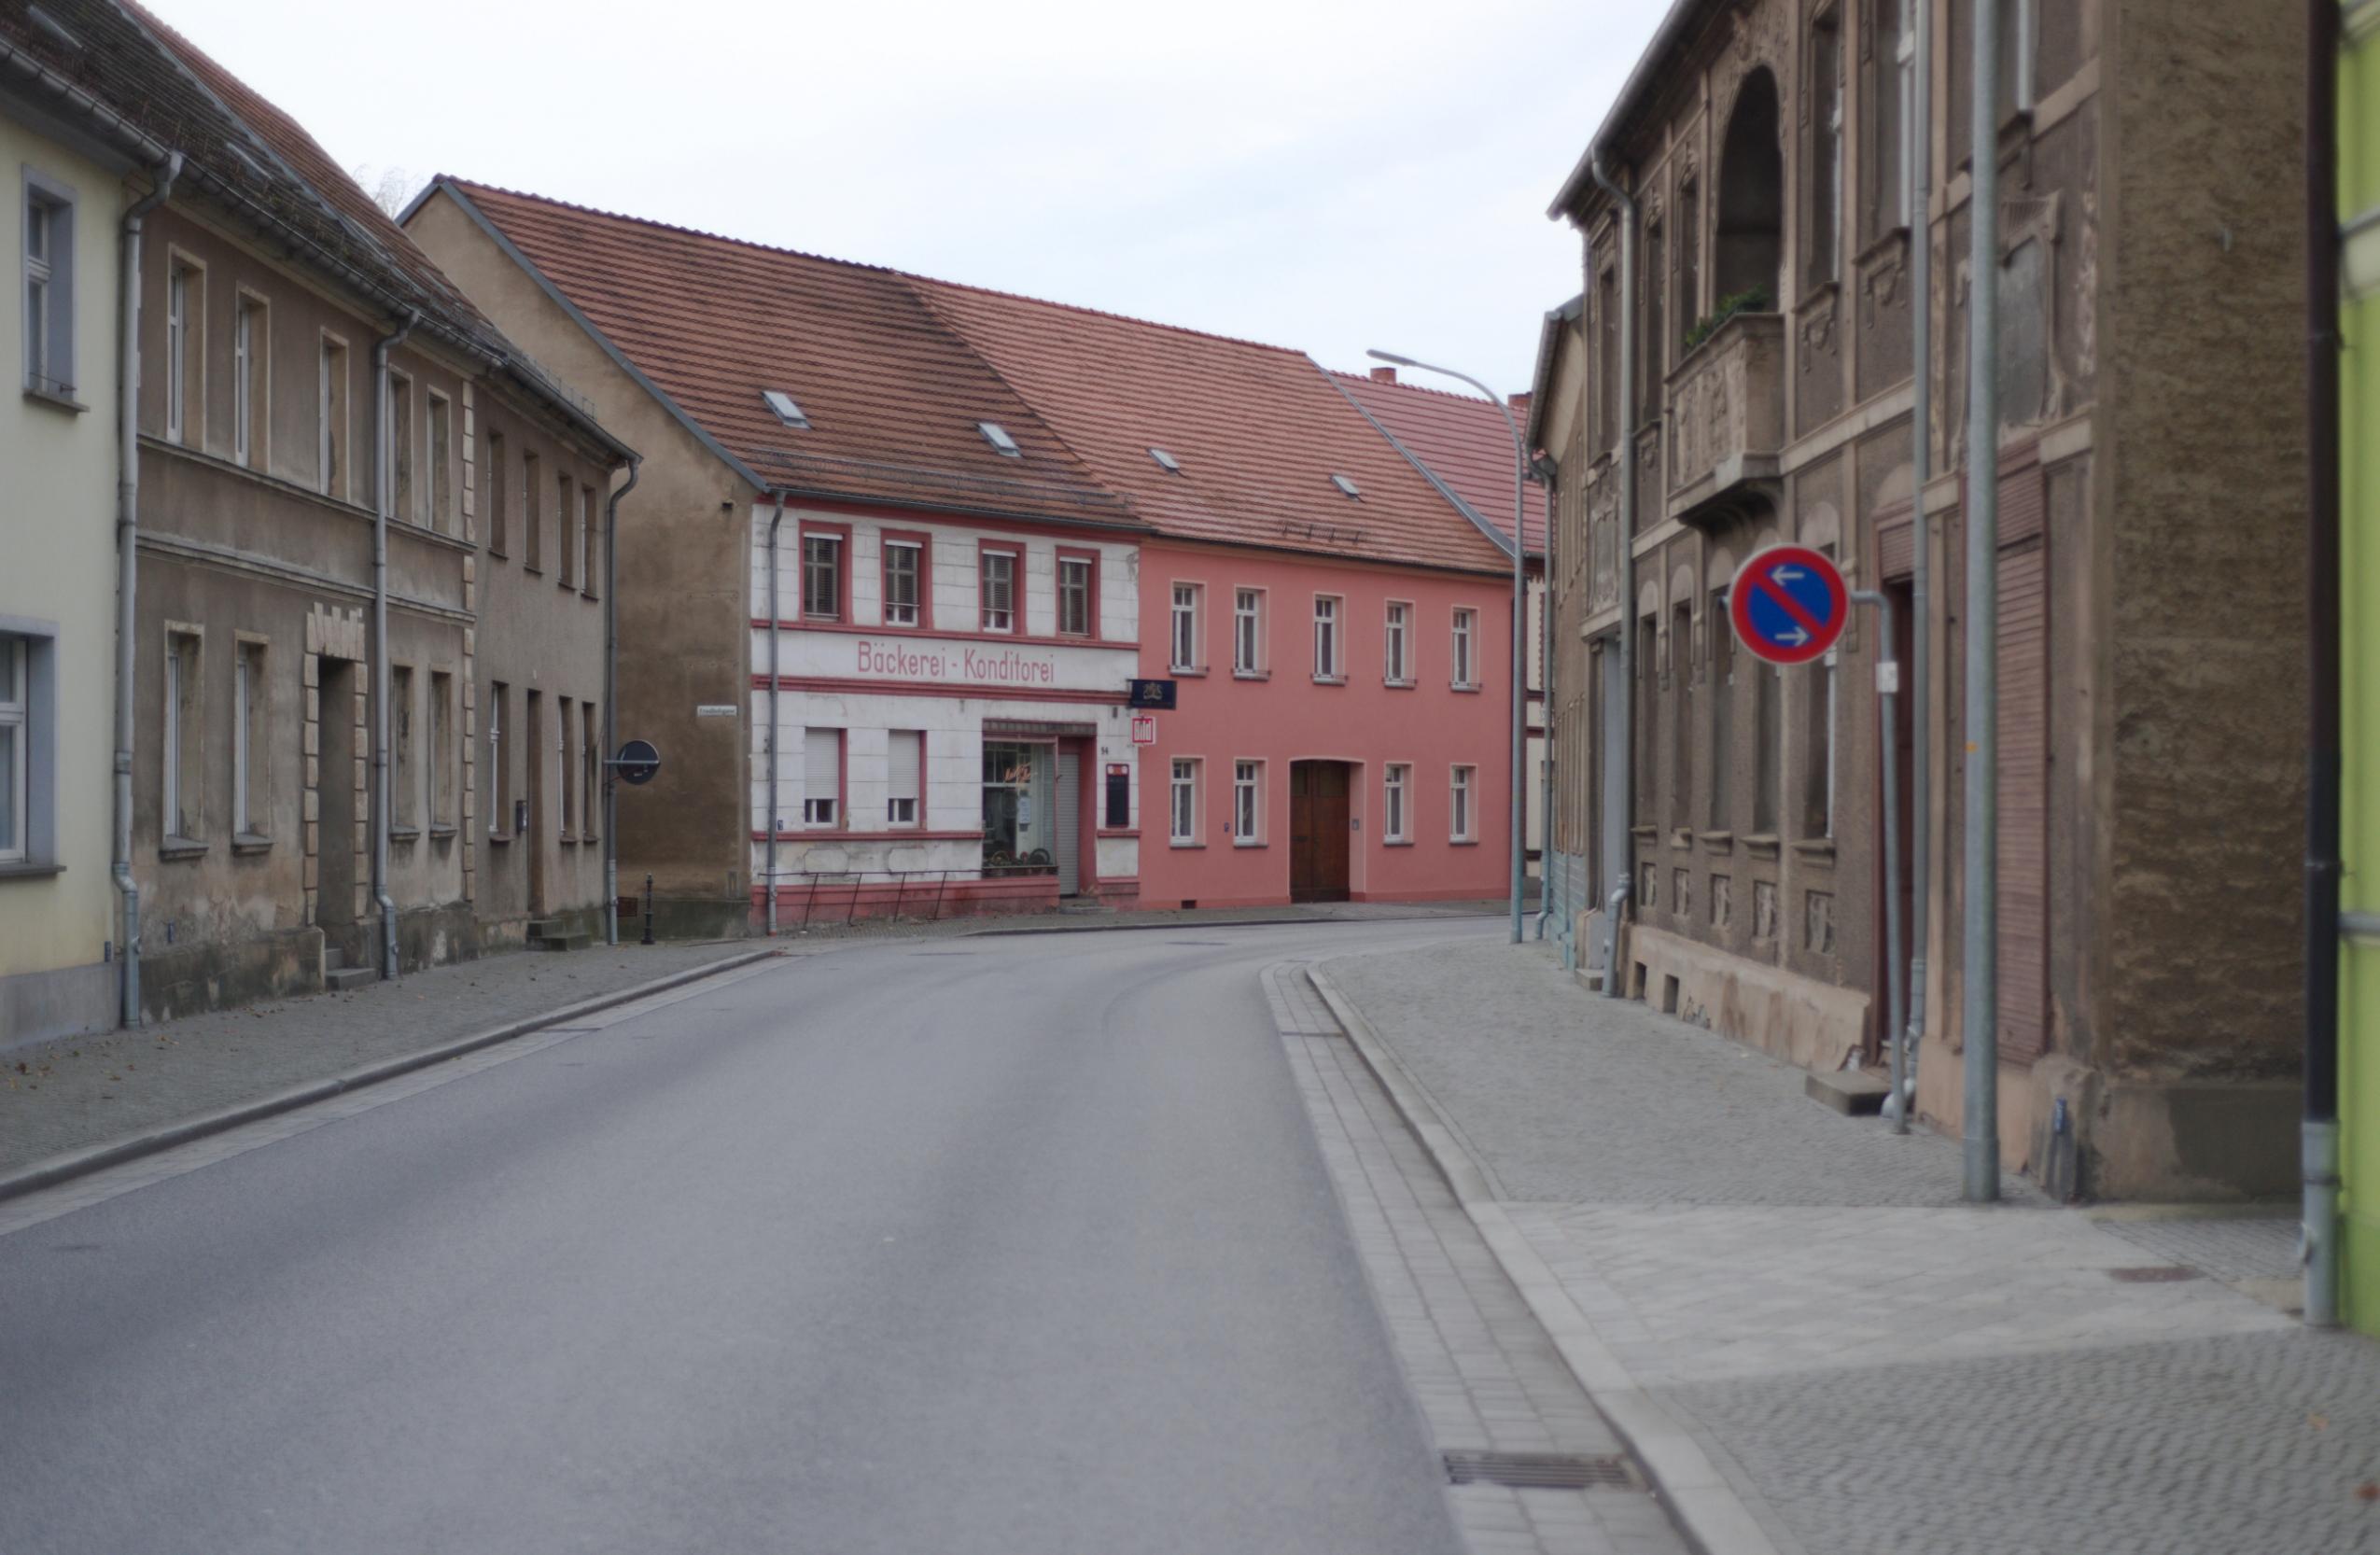 Straße in Elsterwerda